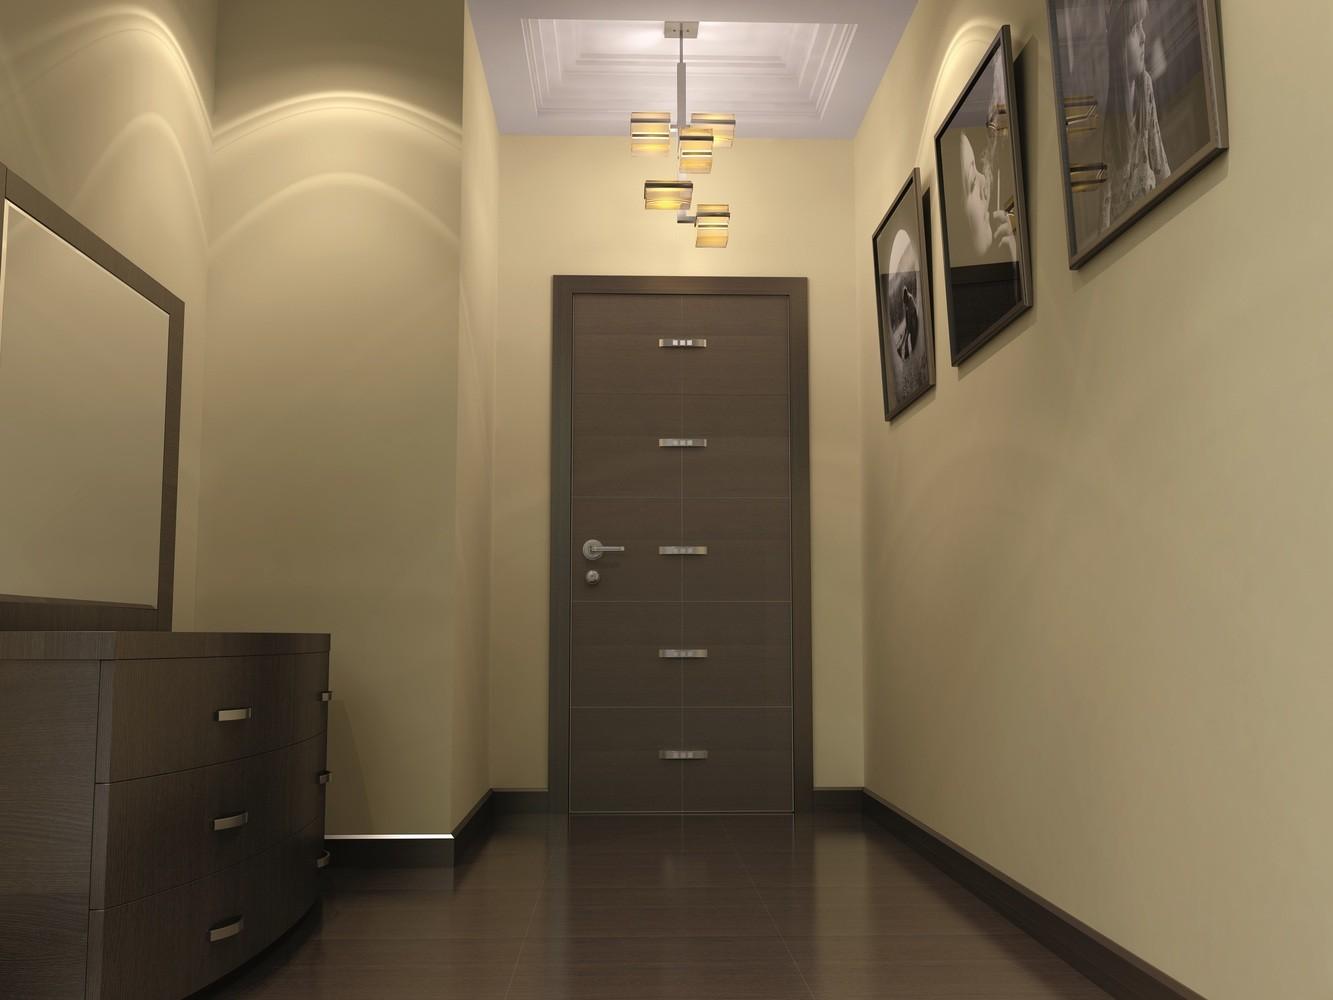 темные двери в коридоре во светлыми обоями